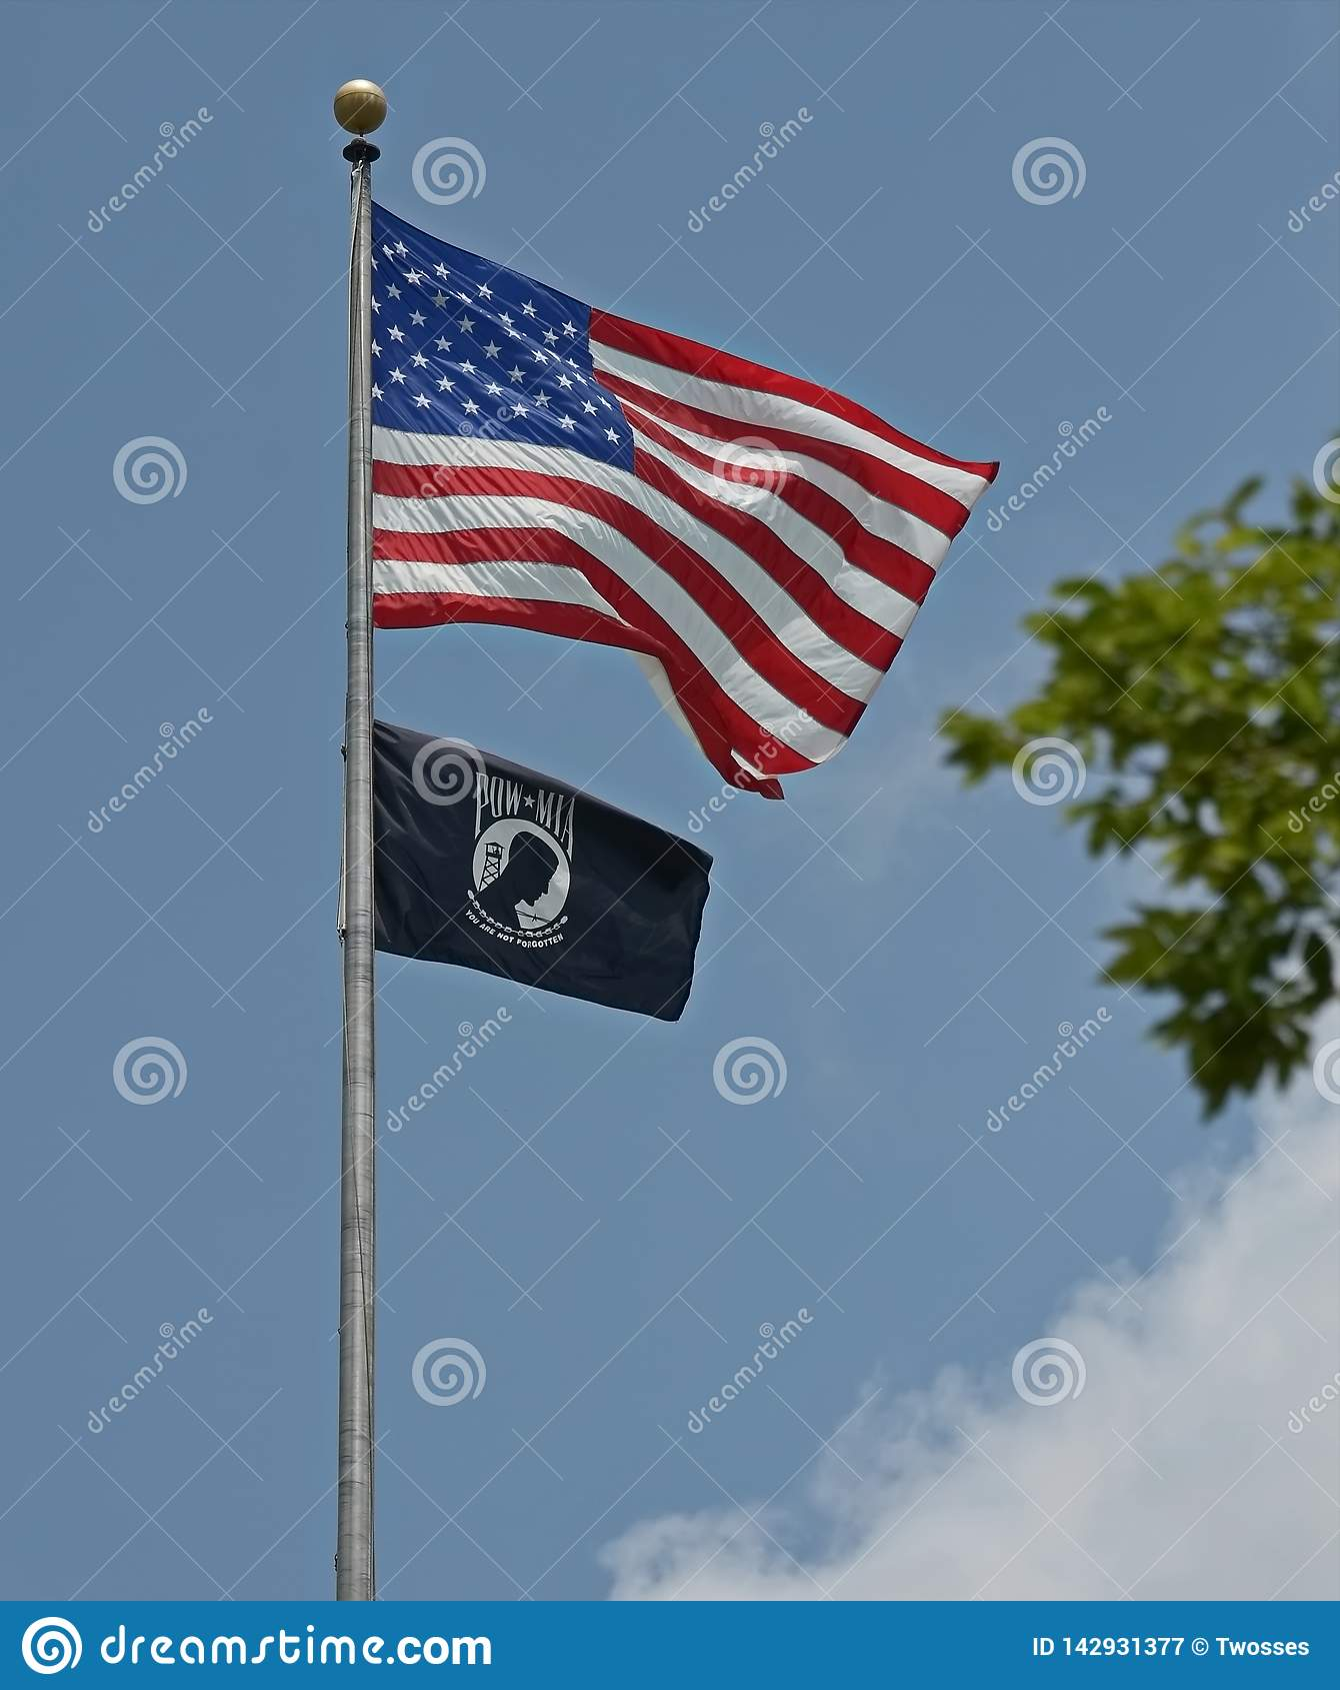 USA POW MIA